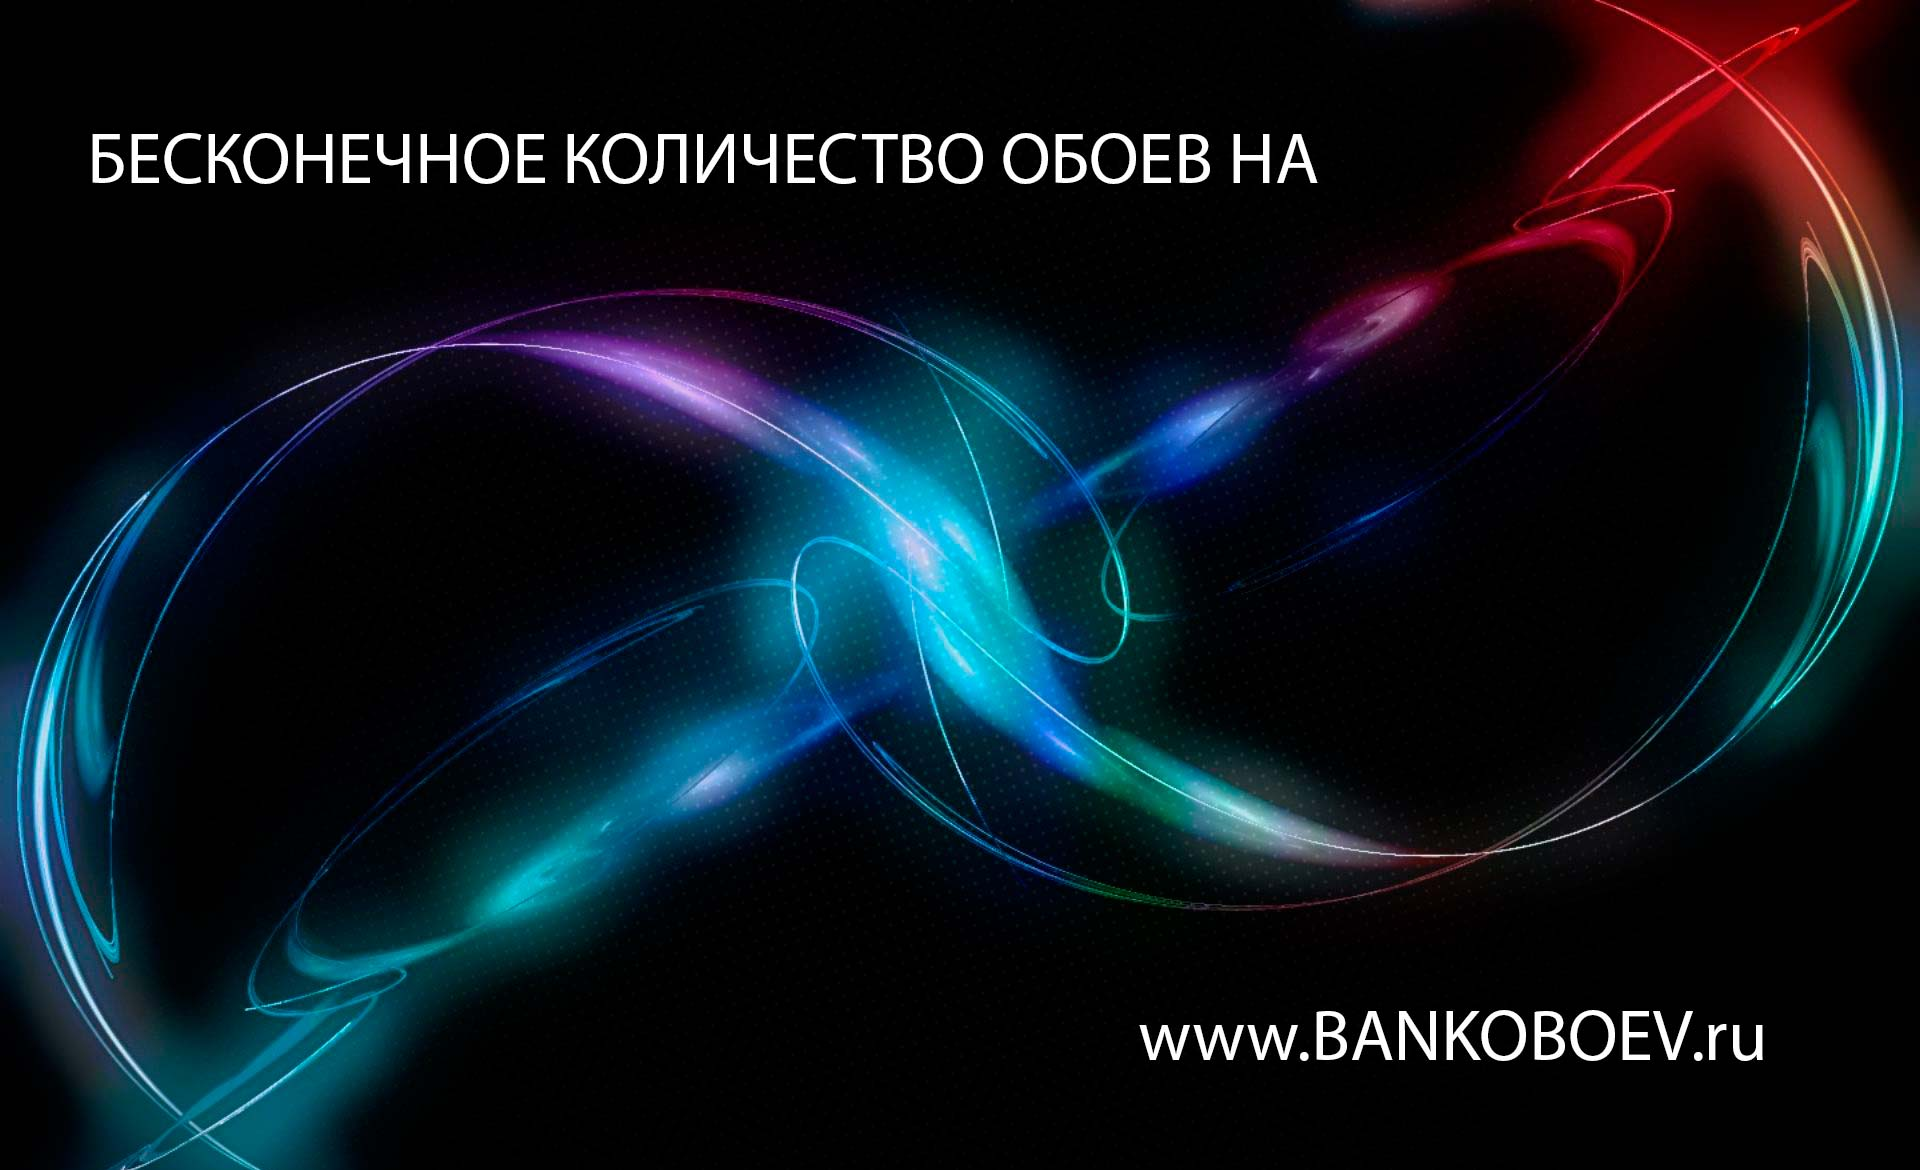 wwwbankoboevruimagesNjE3NjEBankoboevRu golden retriverjpg 1280x1024